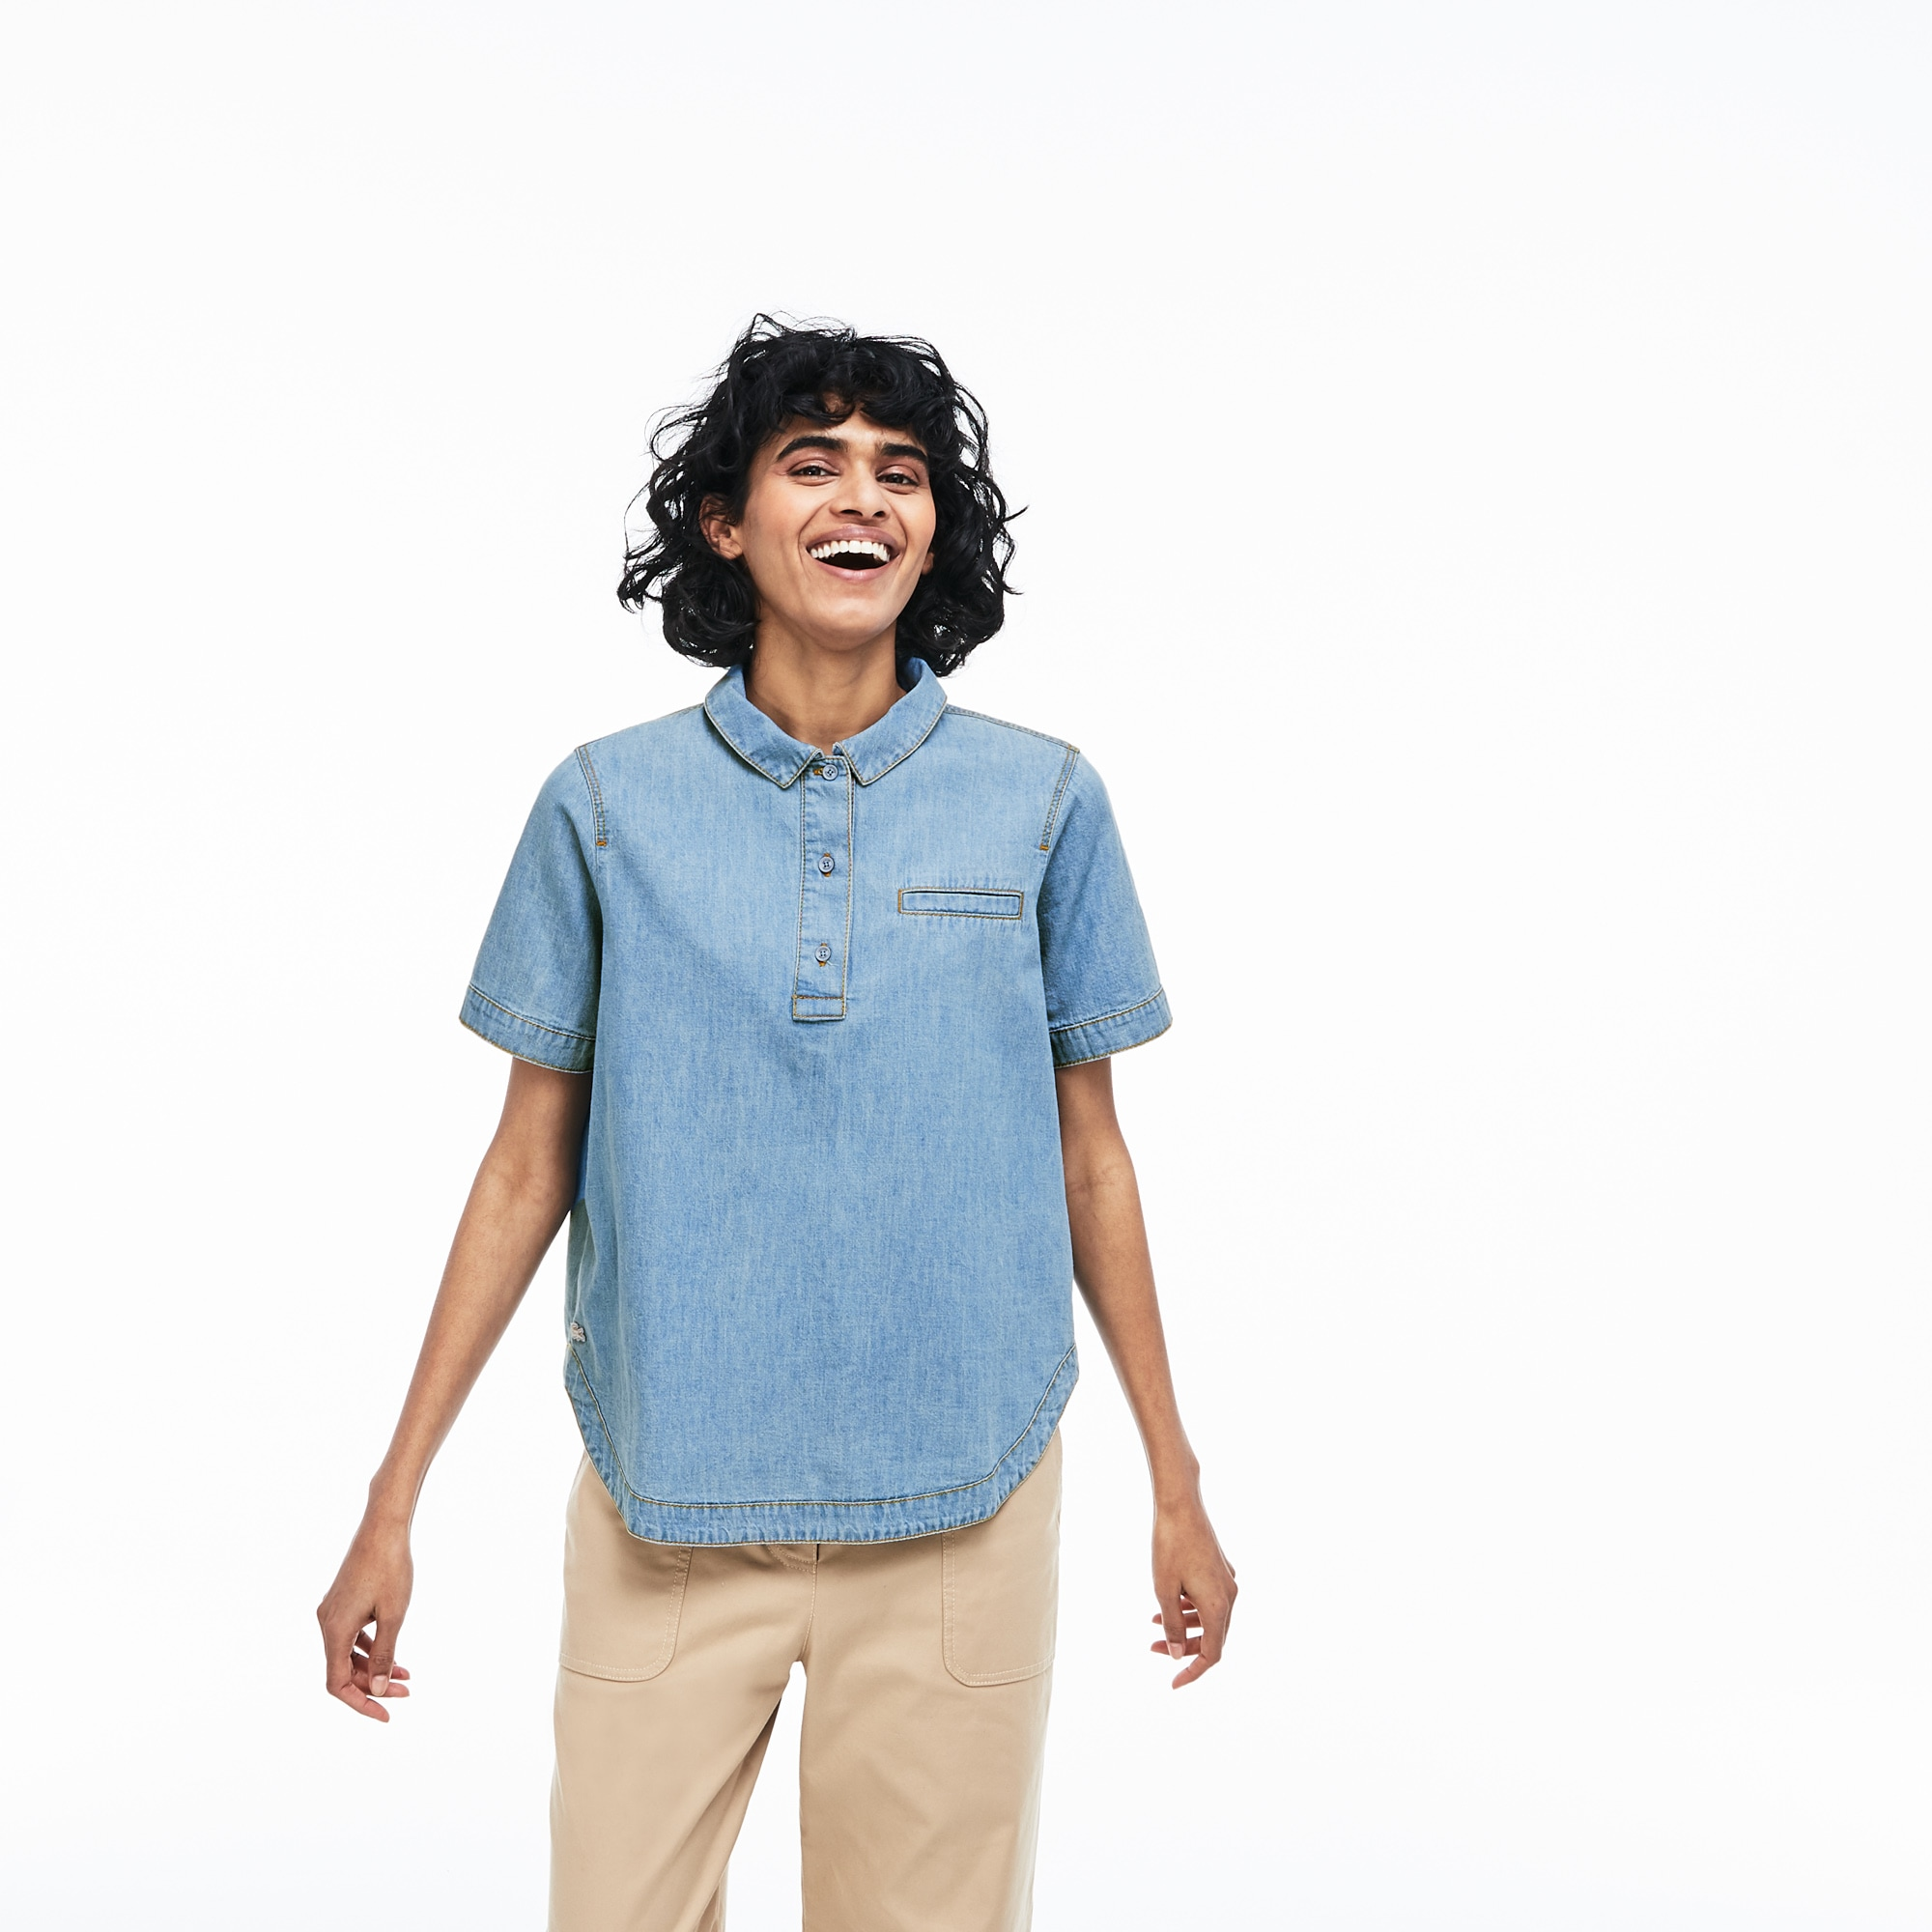 617fb1d1e9689 Camisa tejido vaquero ligero cuello polo